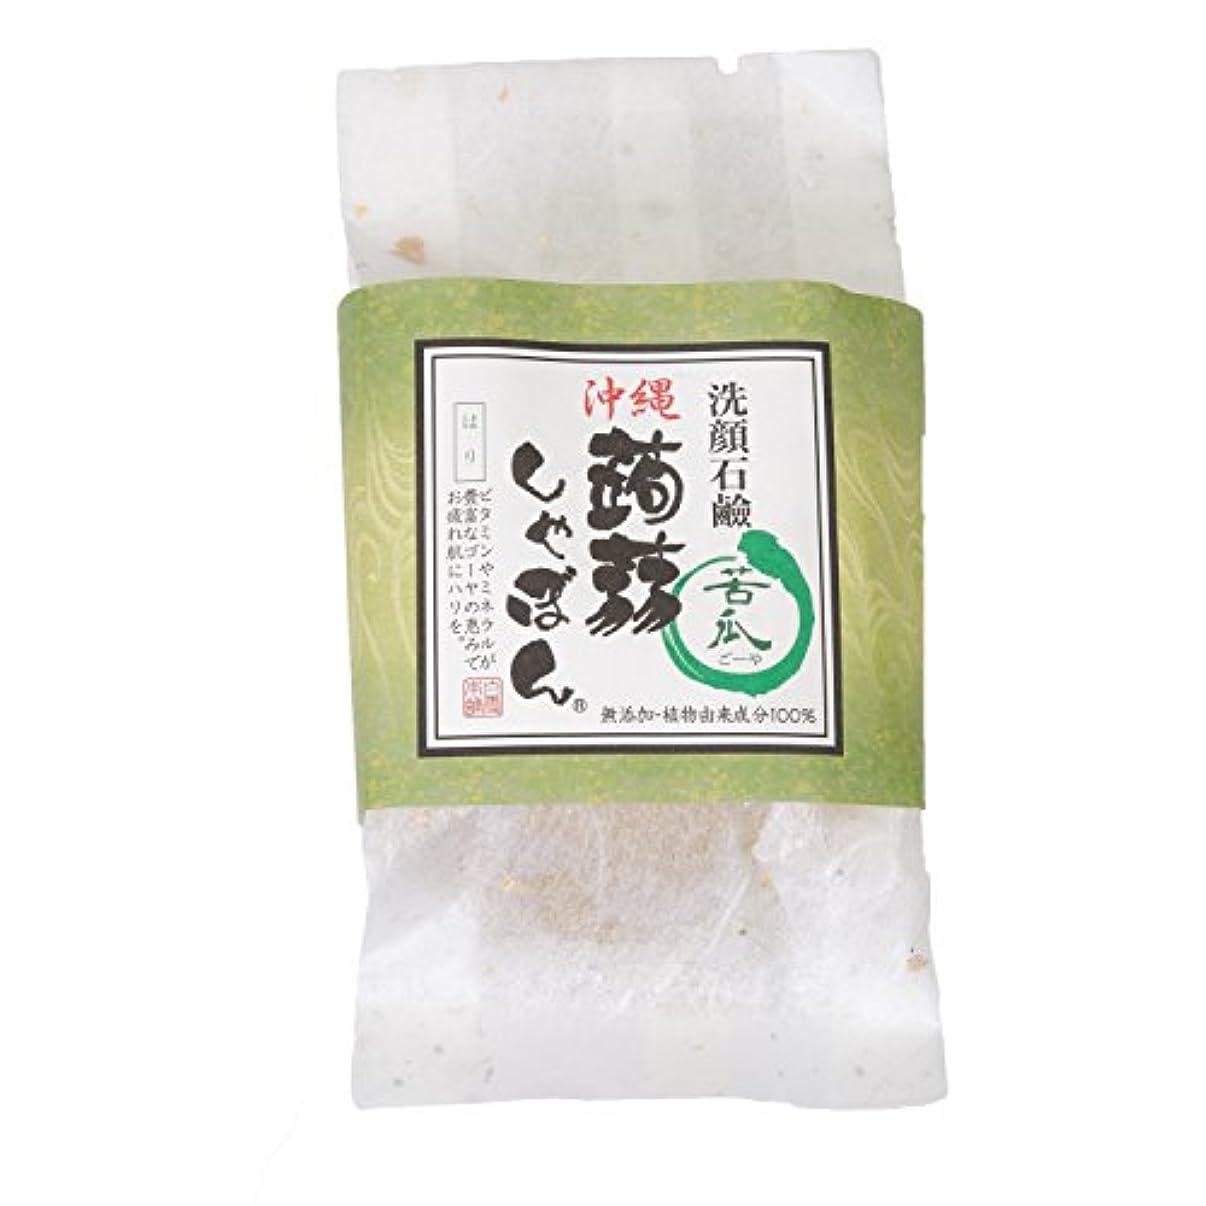 注目すべき不潔臭い沖縄 蒟蒻しゃぼん 金 ゴーヤ ぷるぷる 洗顔石鹸 石鹸 保湿 泡立ちソープ